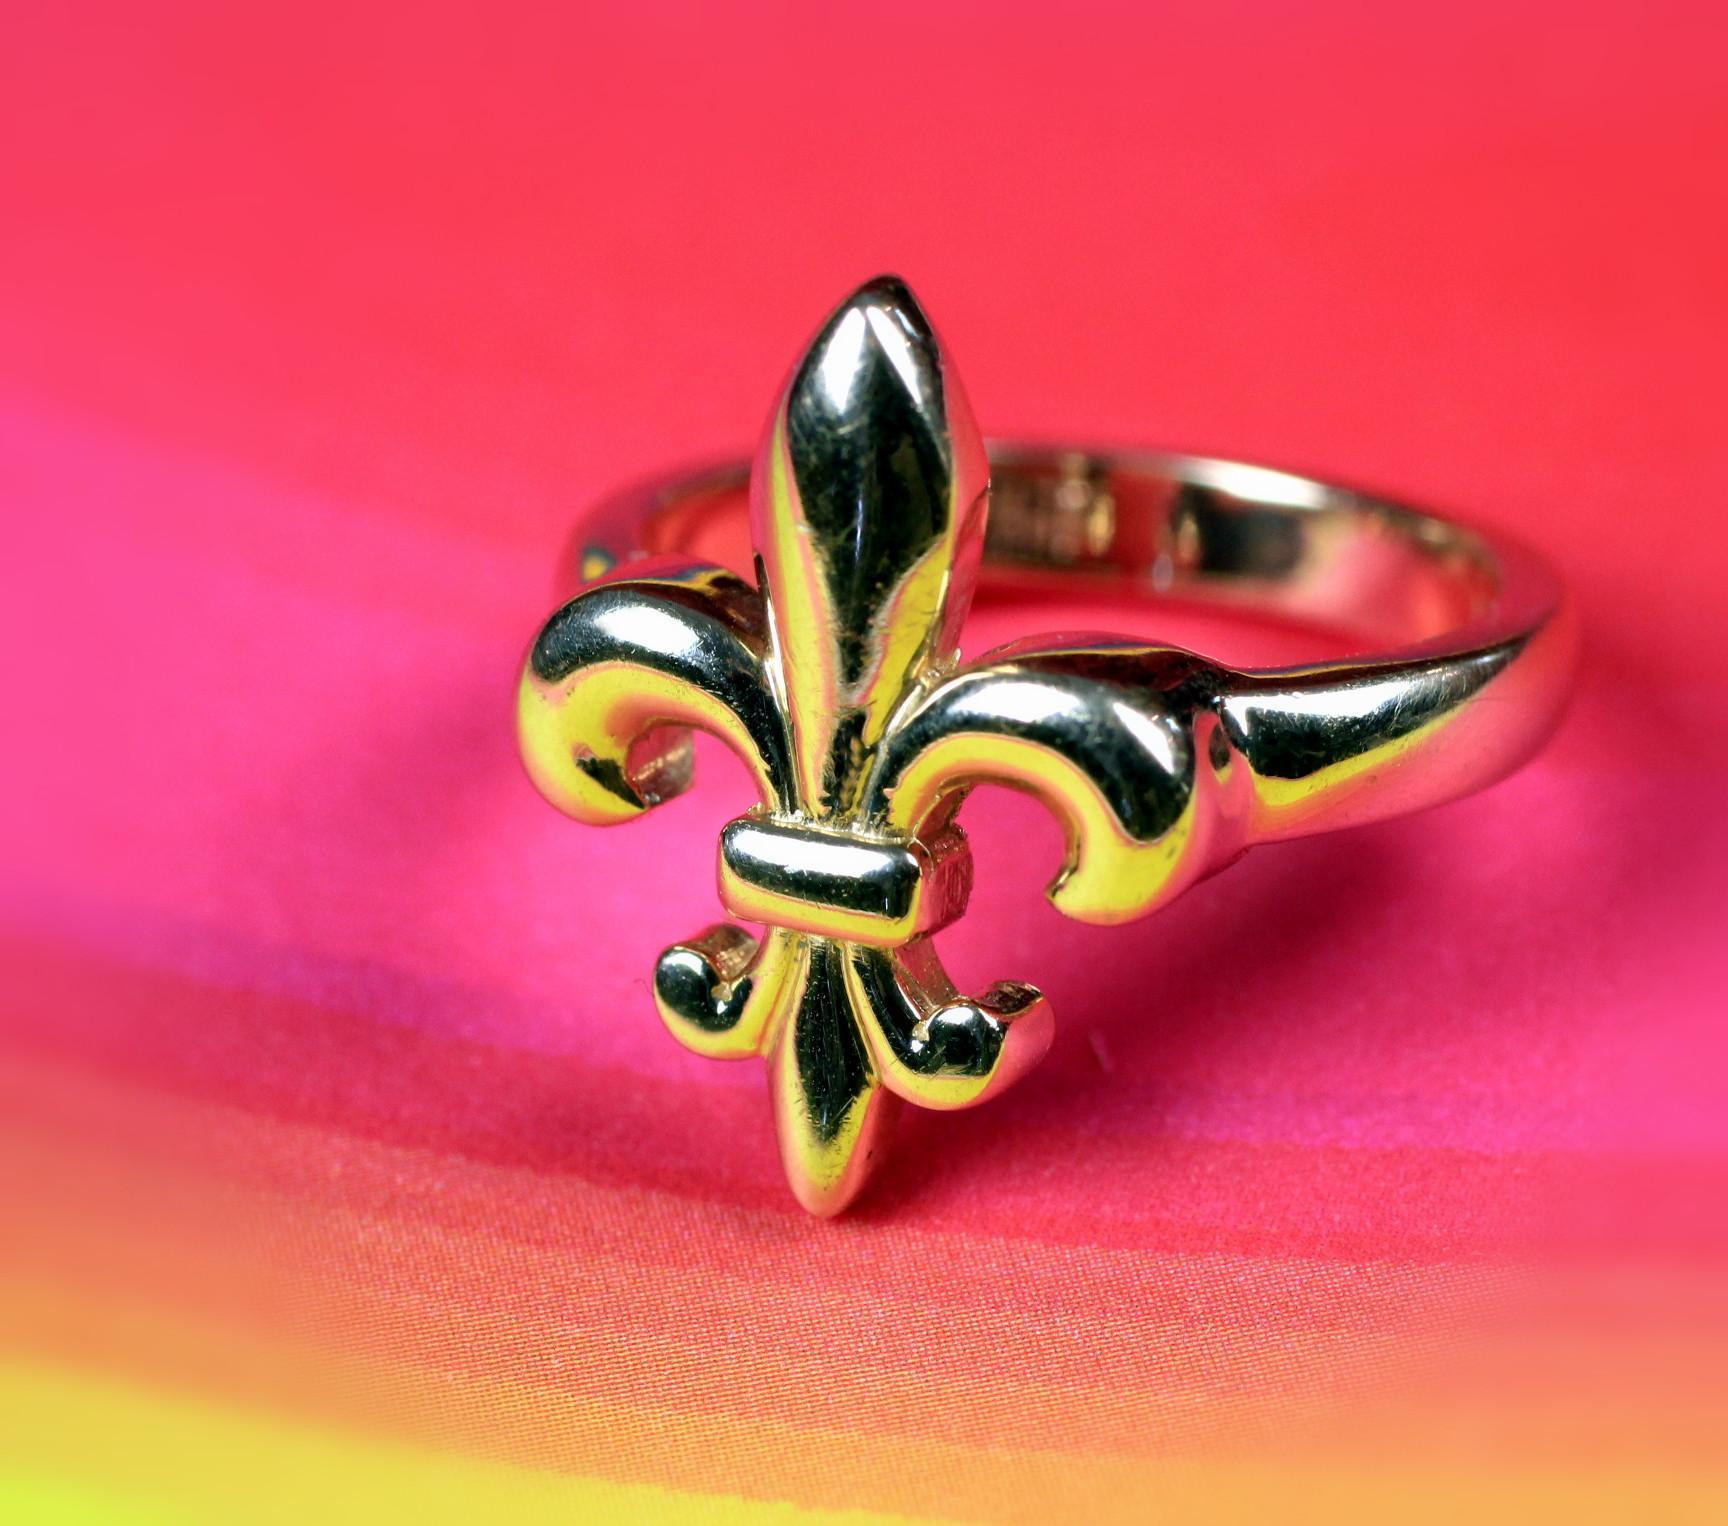 14K Yellow Gold Fleur de Lis Ring